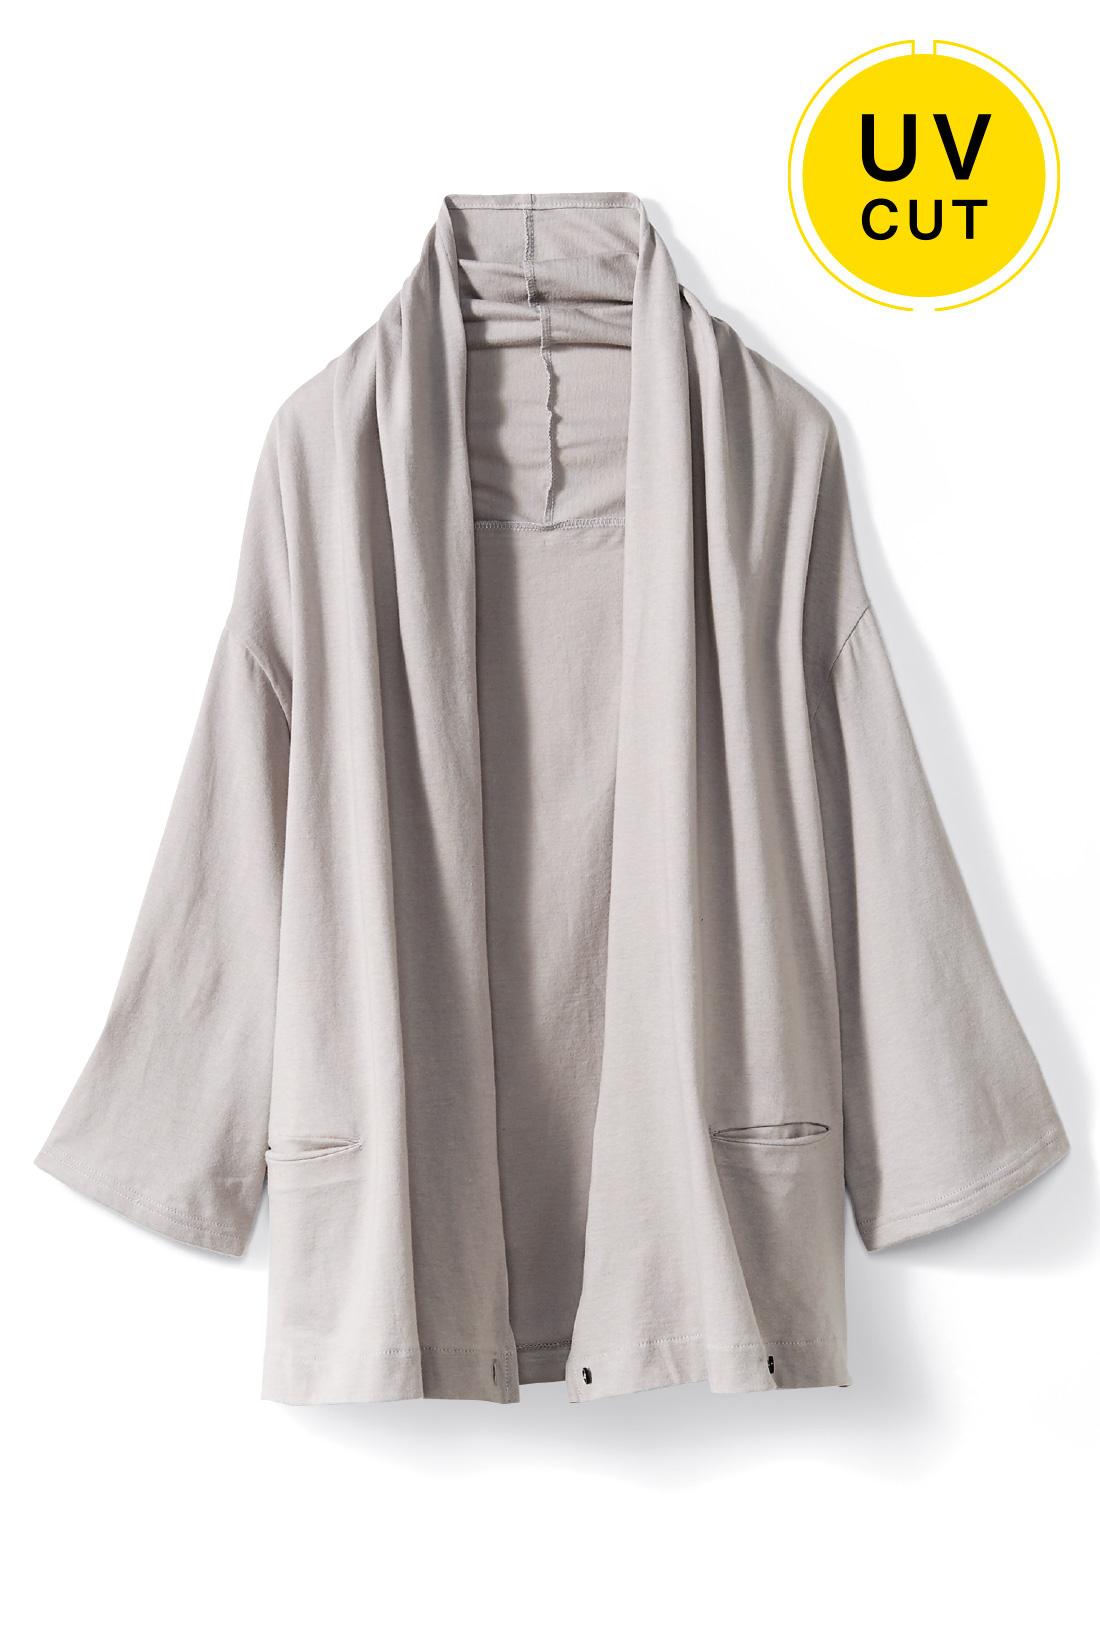 着こなしを選ばない〈グレー〉 着流すだけで女っぽい 好印象に華やげる、衿もとの美しいドレープがエレガント。